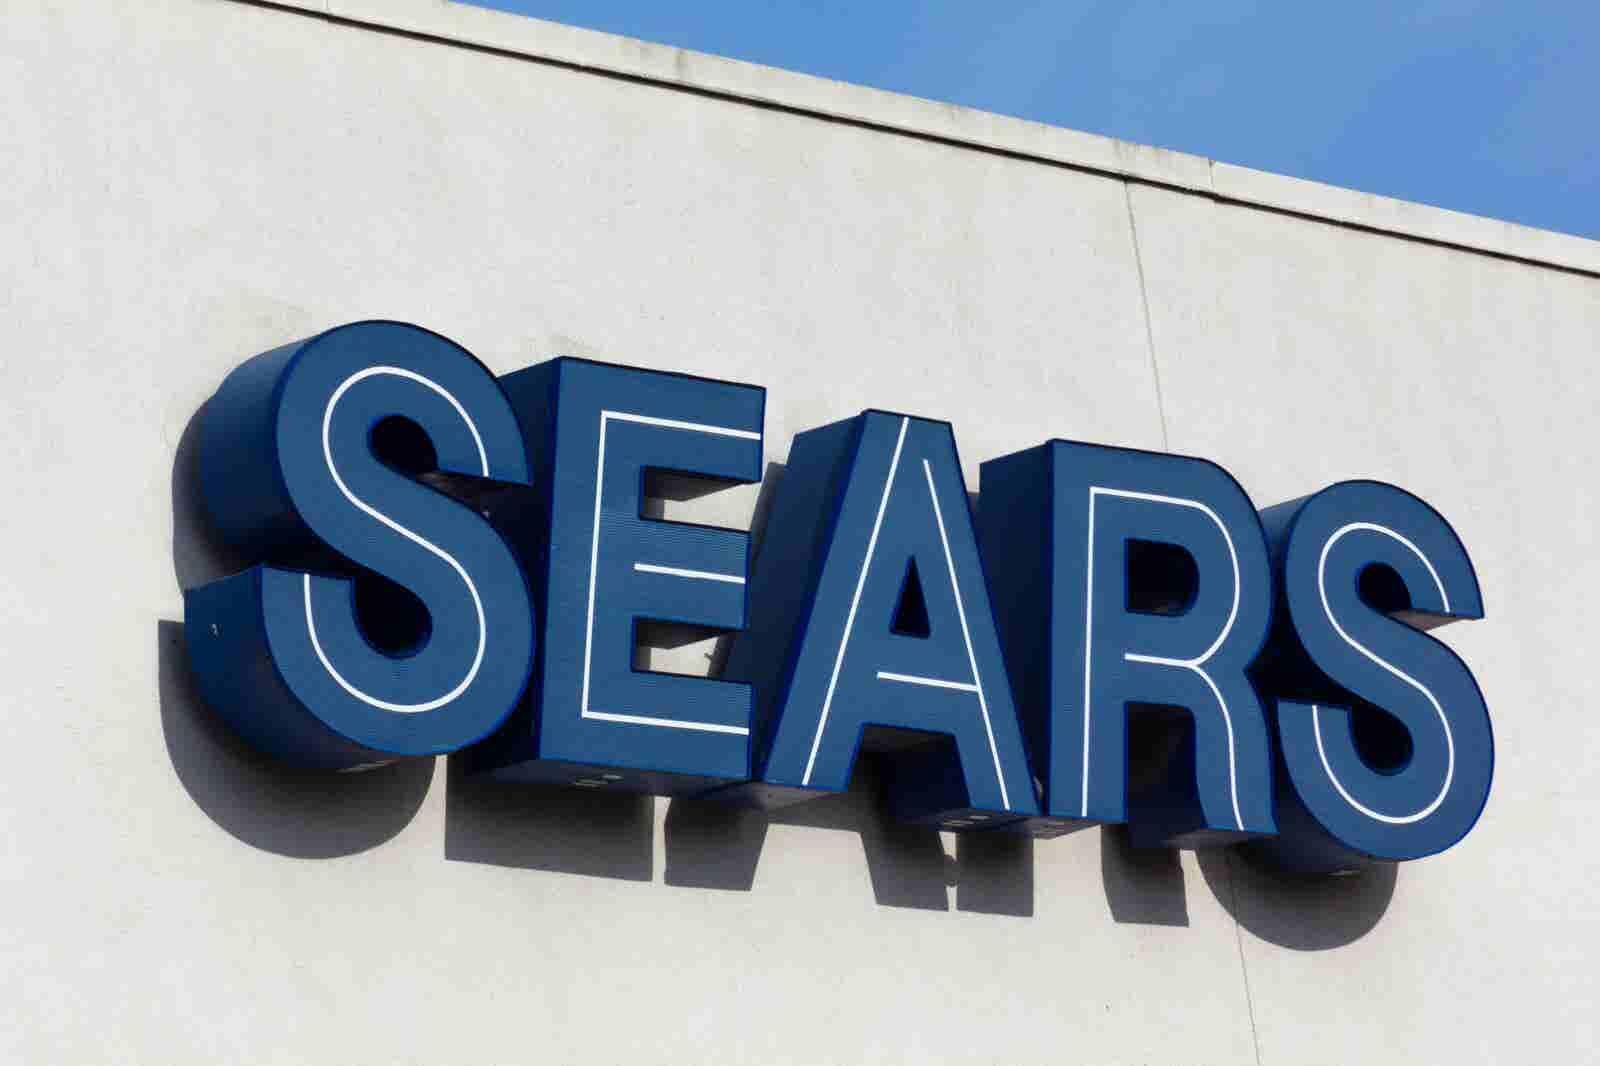 ¿Se acabó? Este fue el error fatal que 'mató' a Sears este lunes